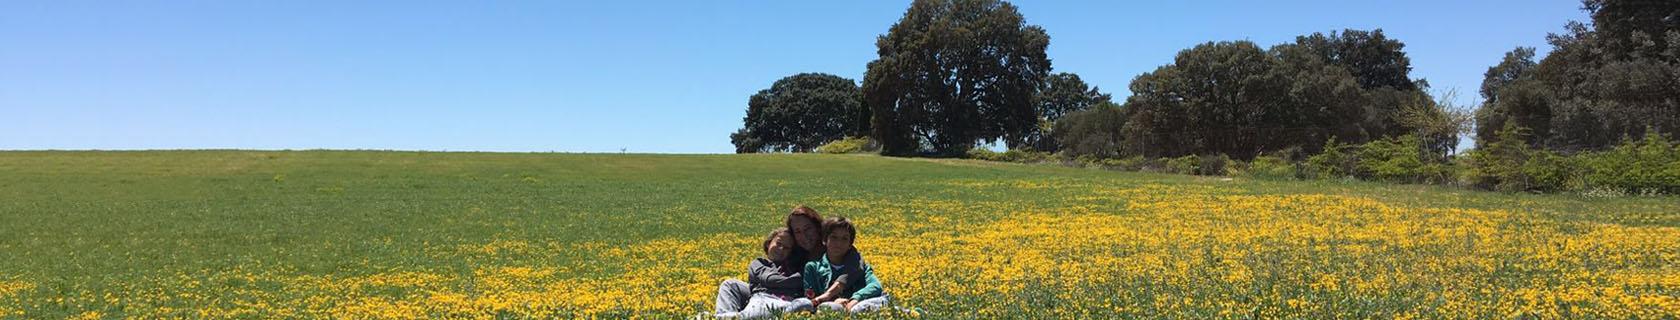 Familia en campo